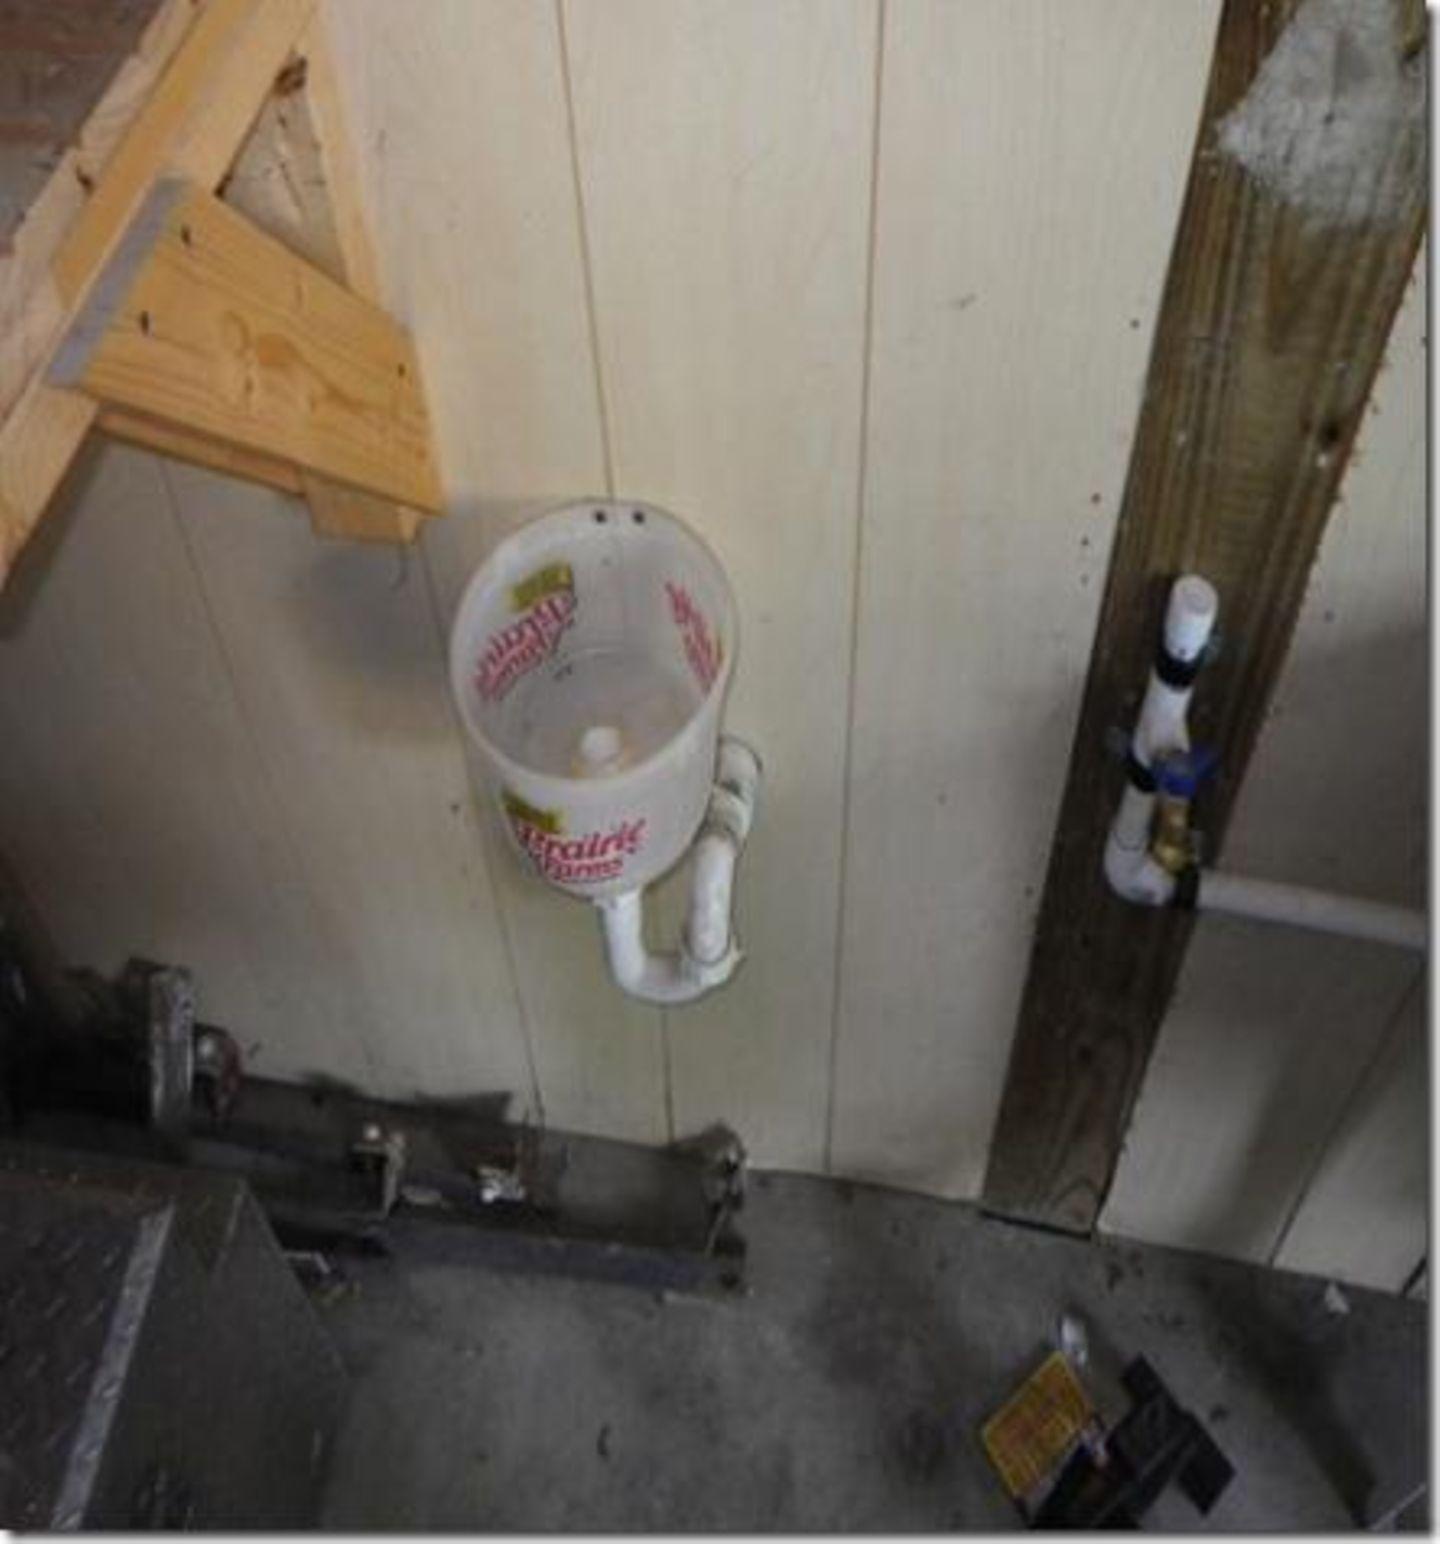 Ein improvisiertes Urinal kann man auch aus einem alten Eimer herstellen. Die Flüssigkeit läuft in den Garten ab.